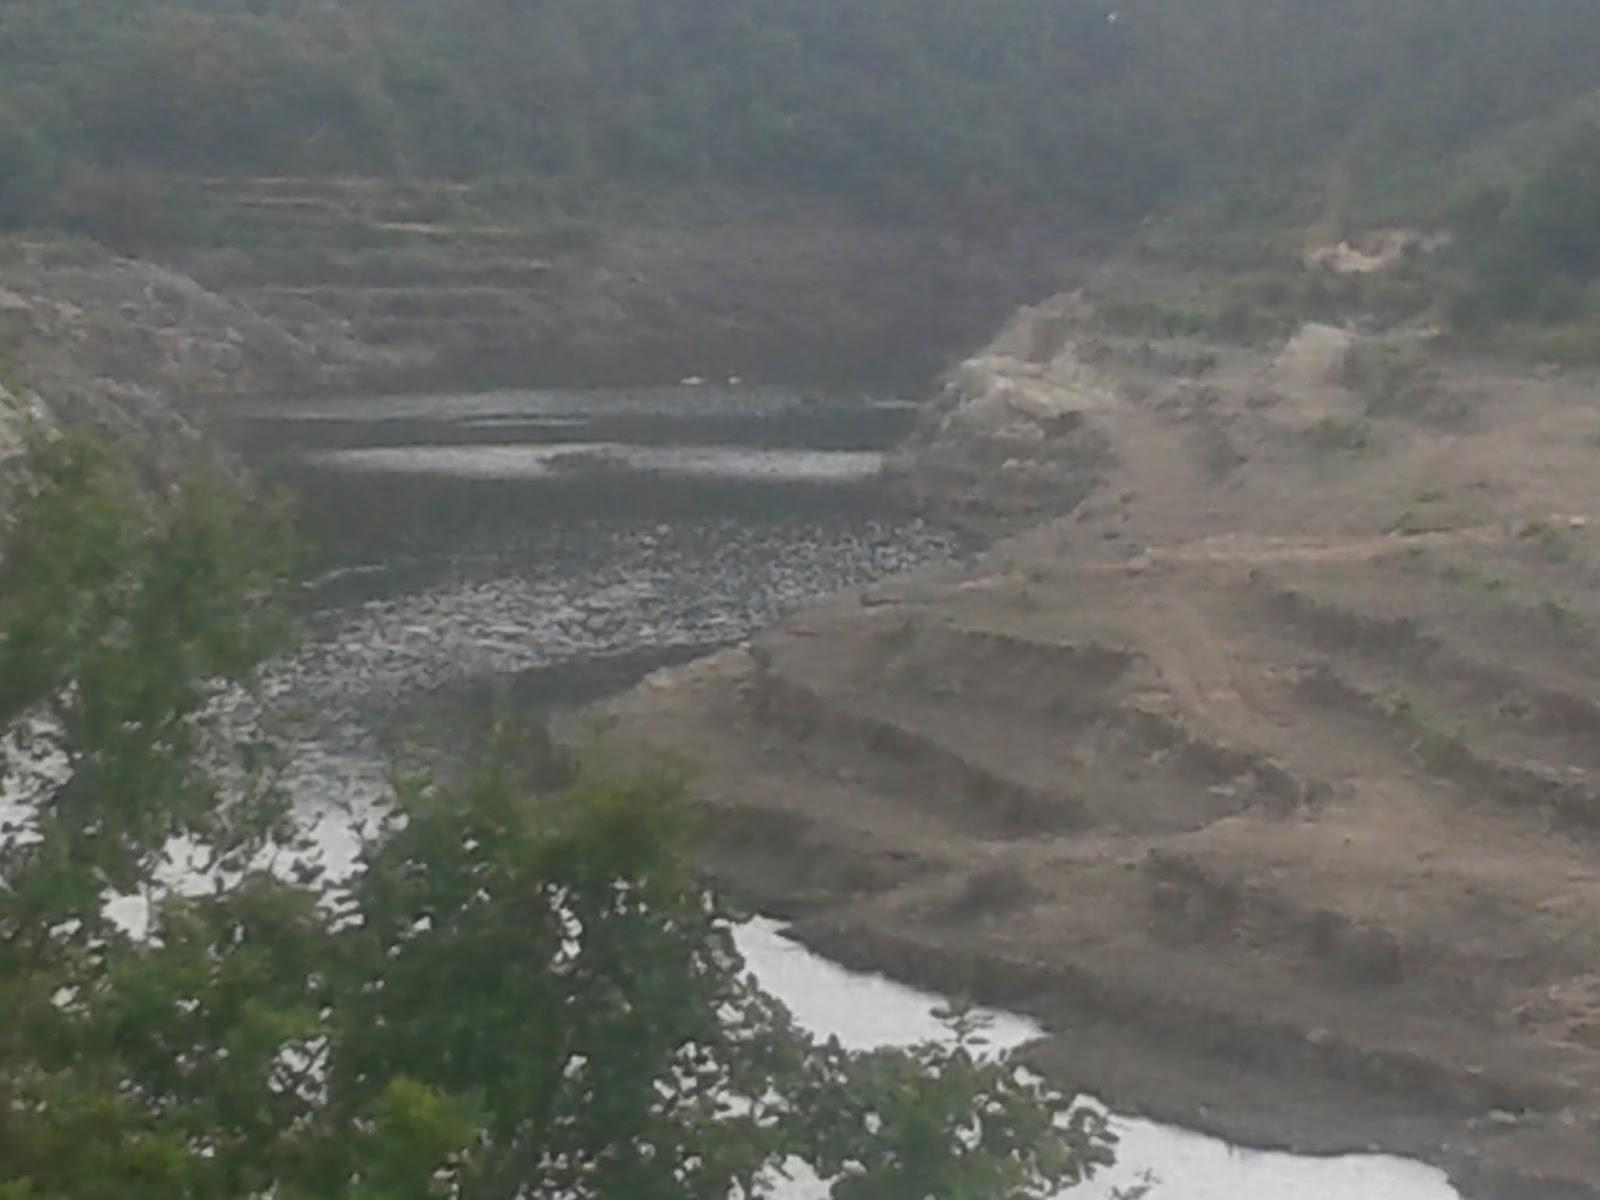 Canoagem na Barragem do Rio teixeira